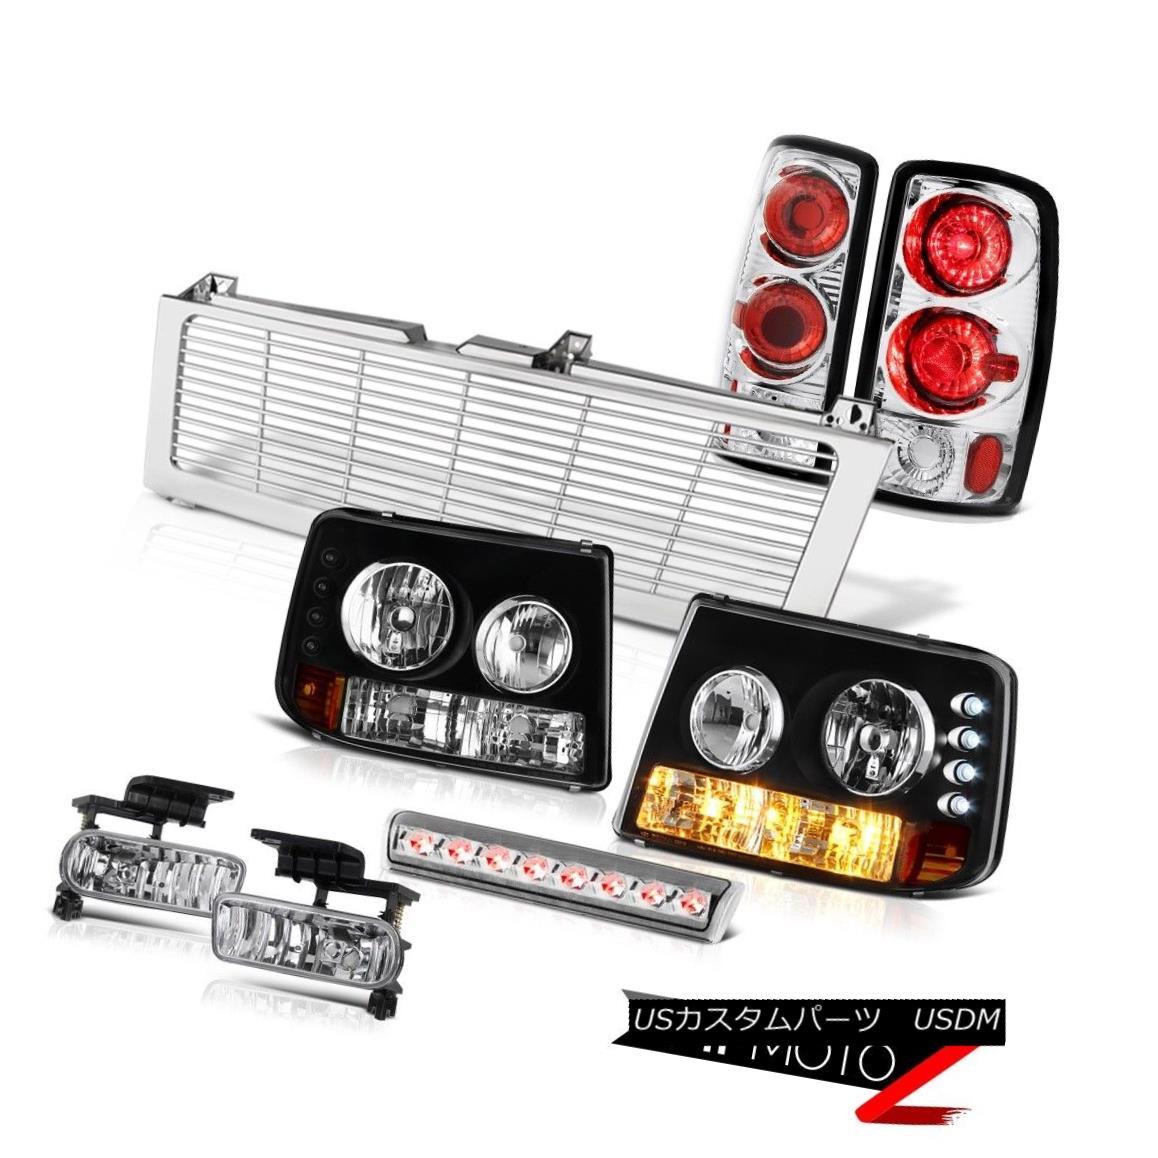 テールライト Black Headlights Rear Signal TaiLamps Fog 3rd Brake LED Grille 00-06 Tahoe 4.8L ブラックヘッドライトリアシグナルタイランプフォグ第3ブレーキLEDグリル00-06タホ4.8L